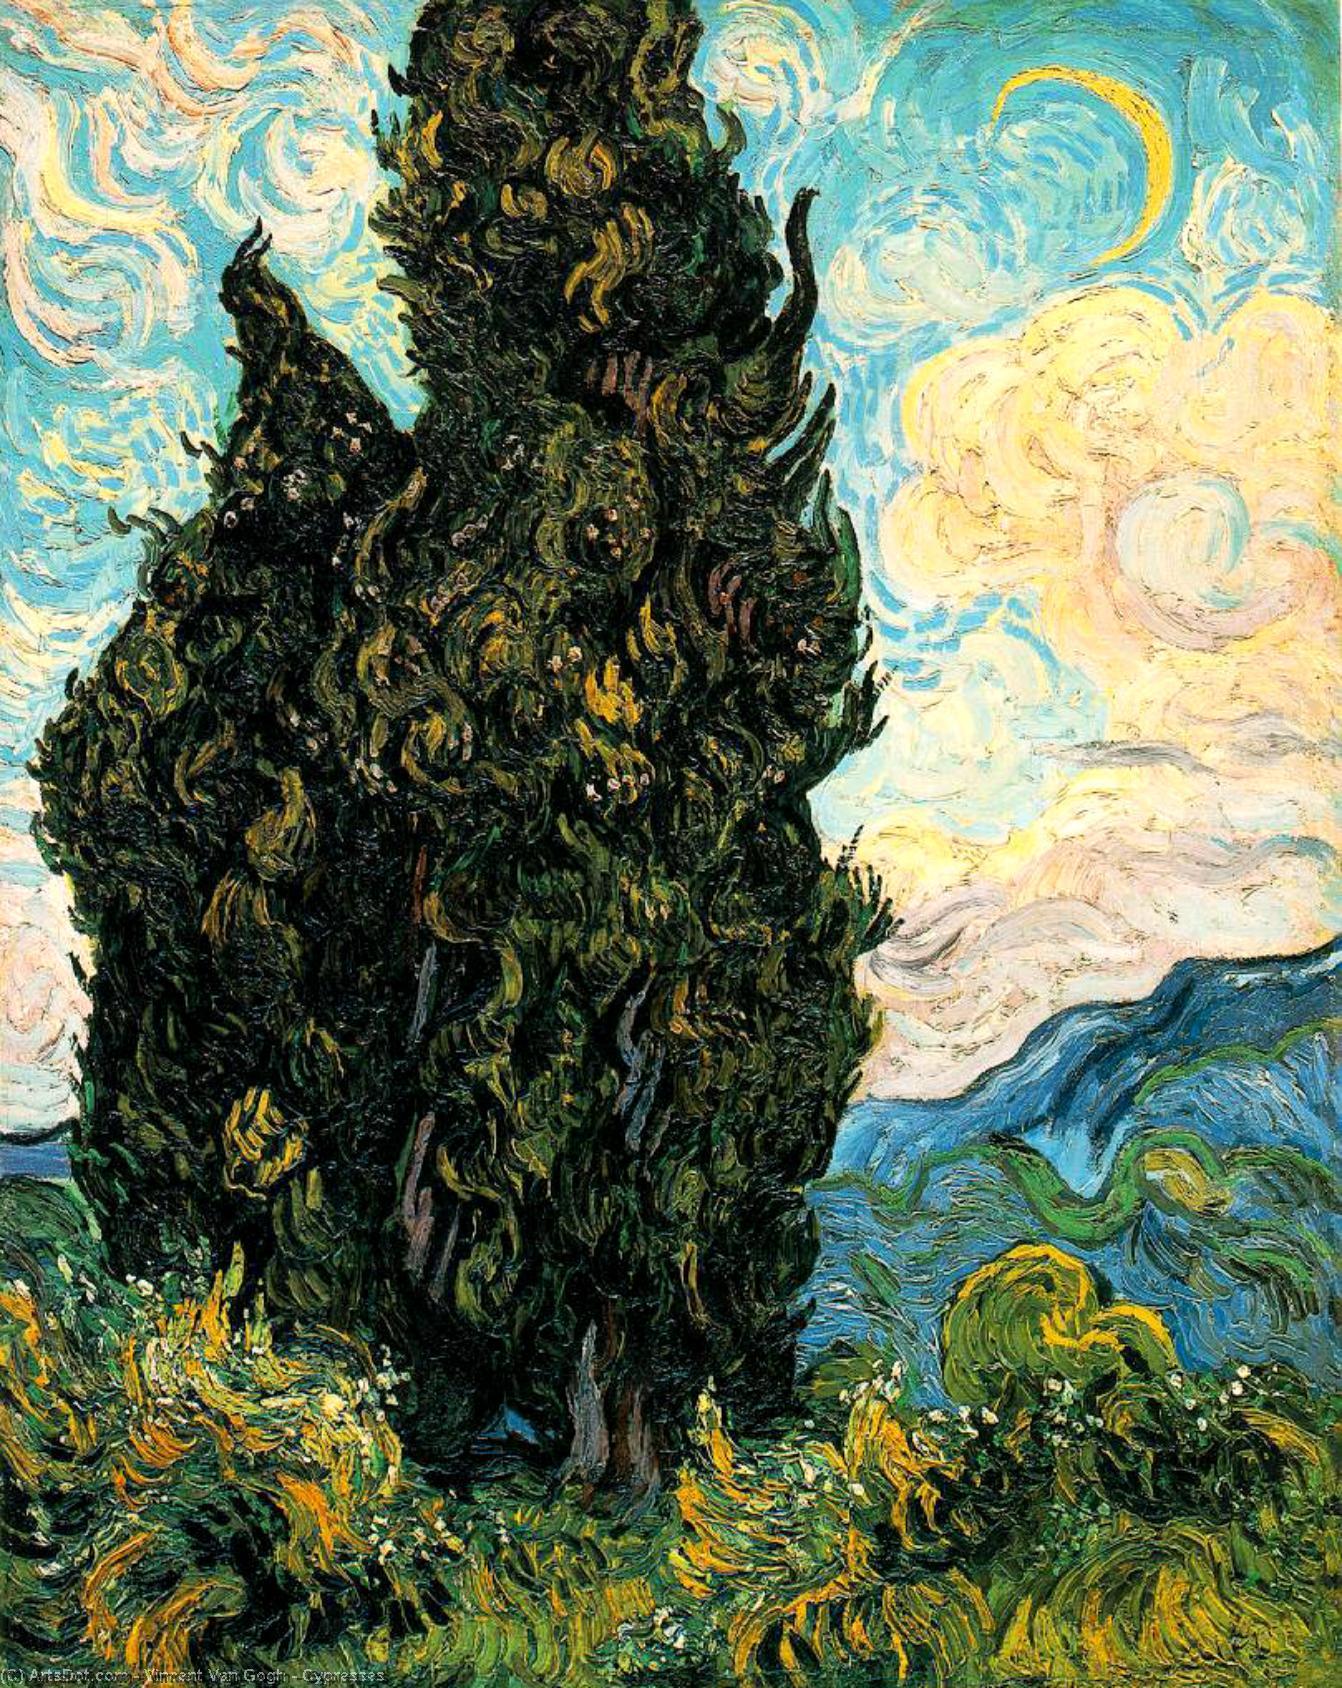 WikiOO.org - Енциклопедия за изящни изкуства - Живопис, Произведения на изкуството Vincent Van Gogh - Cypresses